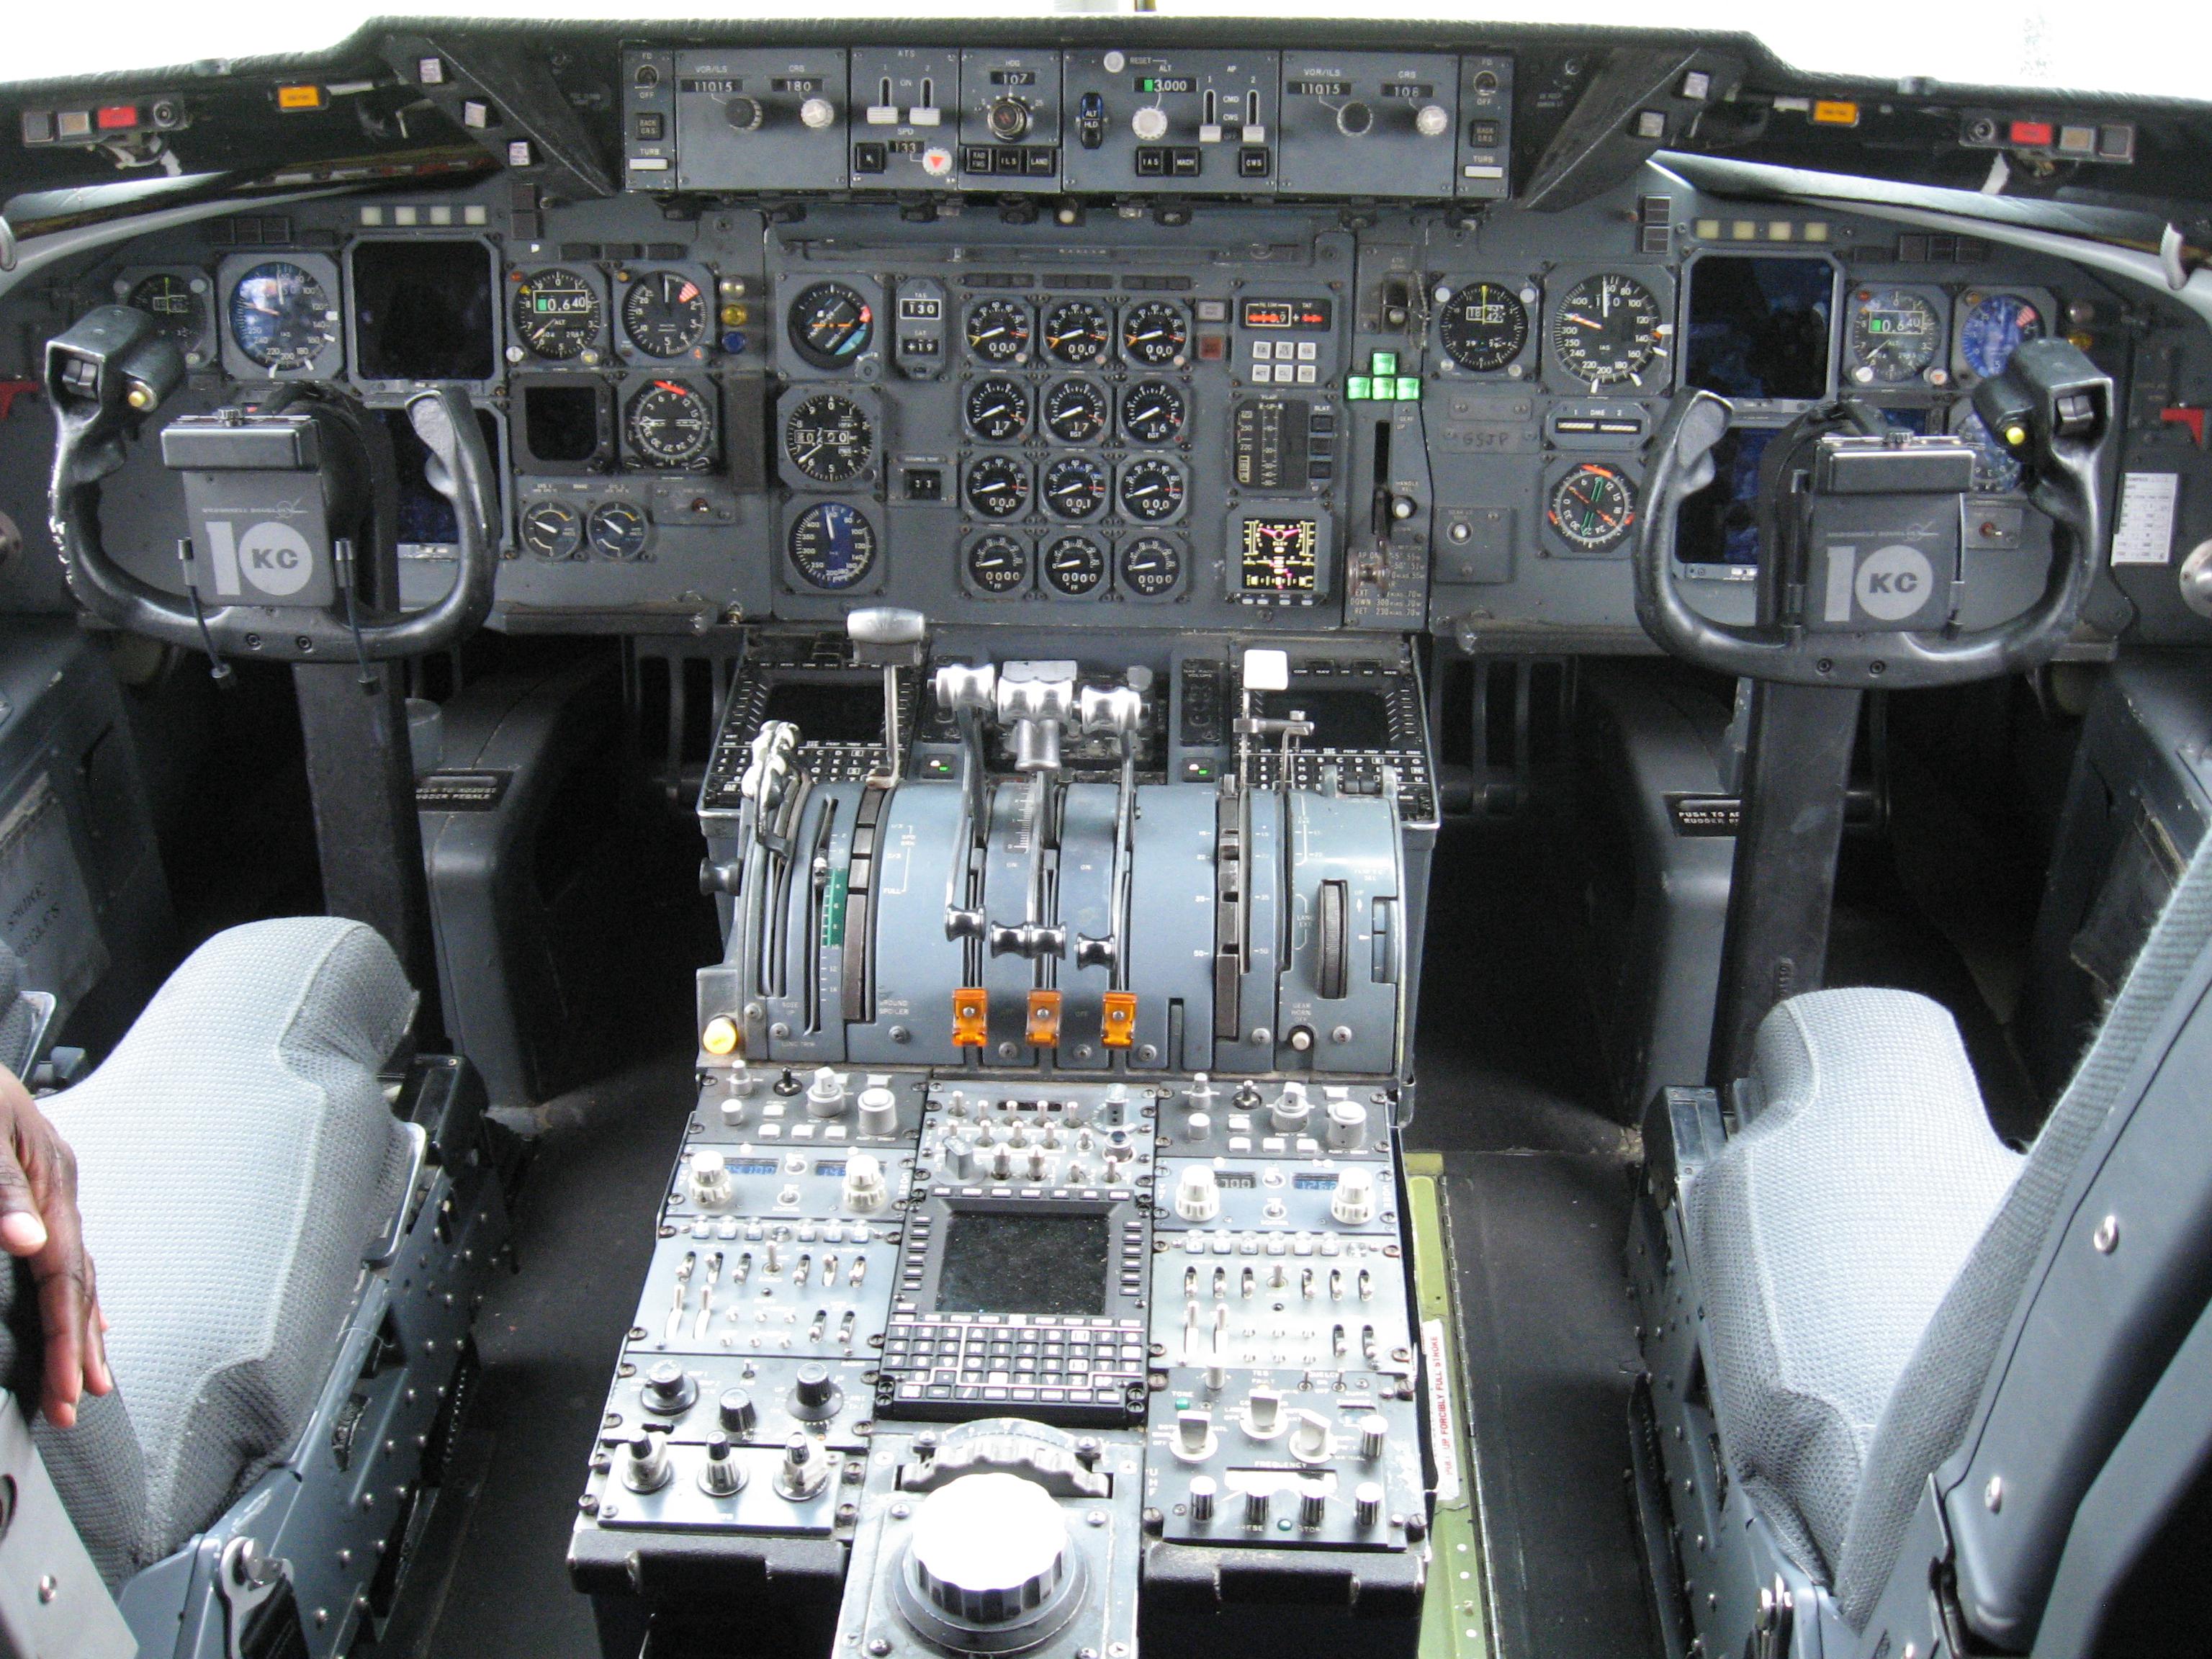 Kc 10 Extender Cockpit